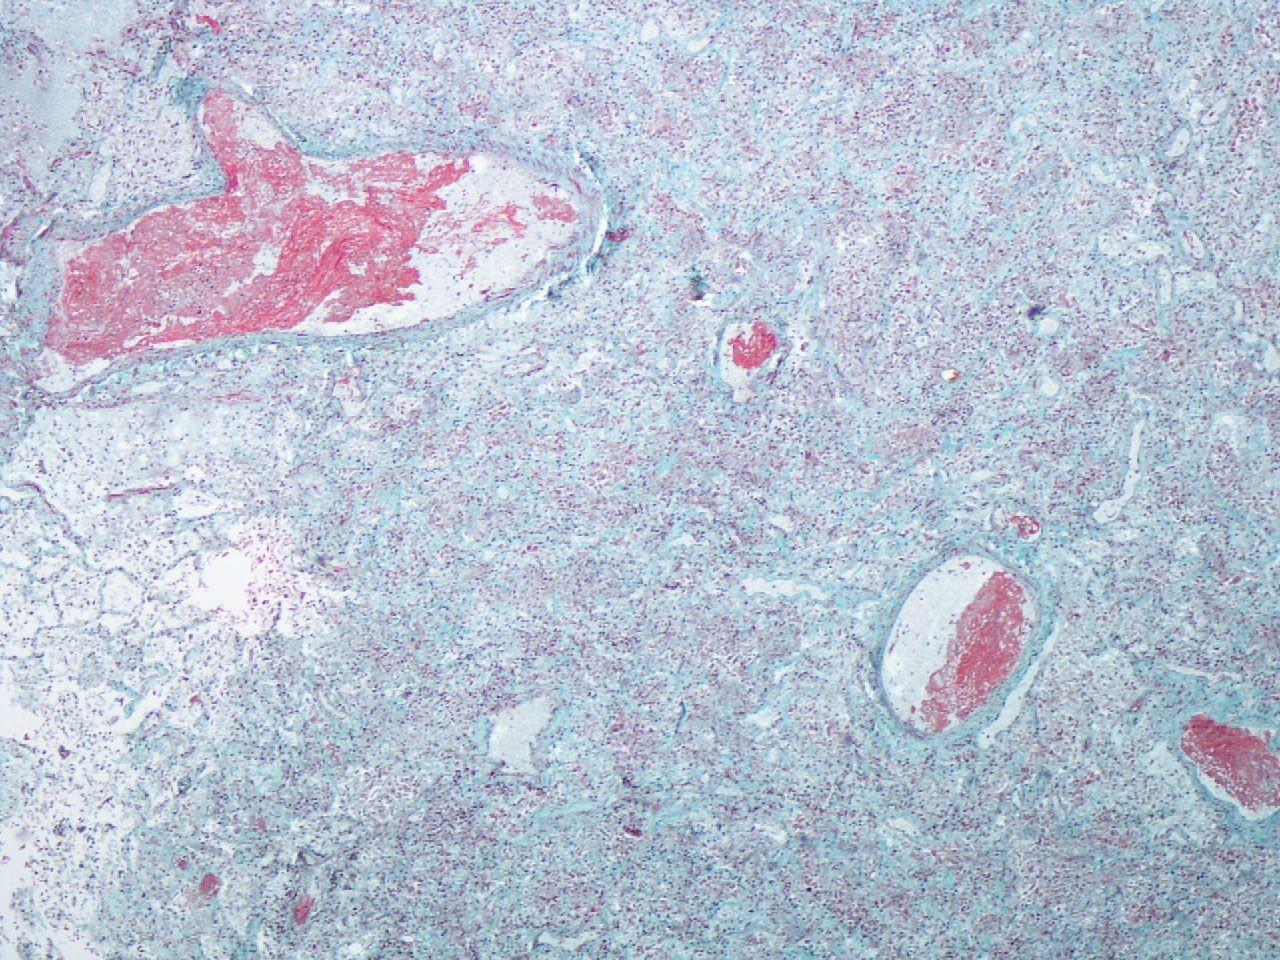 Exames pulmonares mostram a presença de danos causados pelo coronavírus 27 dias após a morte do paciente (Foto: BMJ Journals)